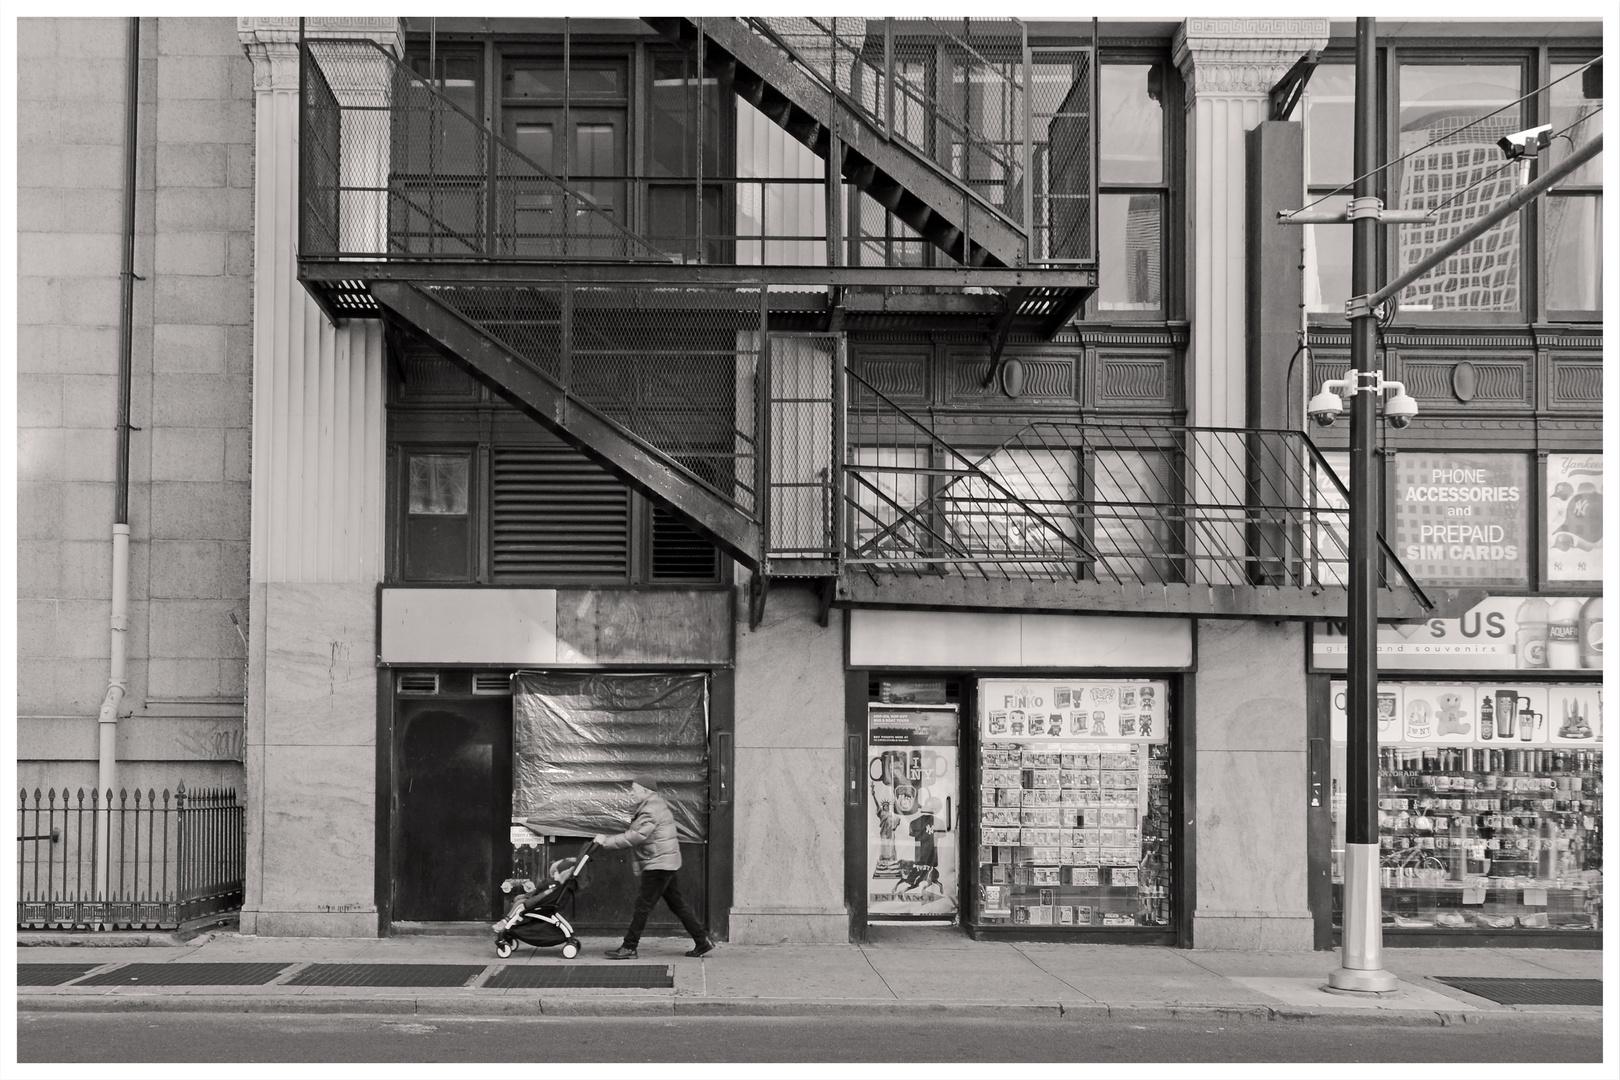 NY 57 - Im Vorbeigehen